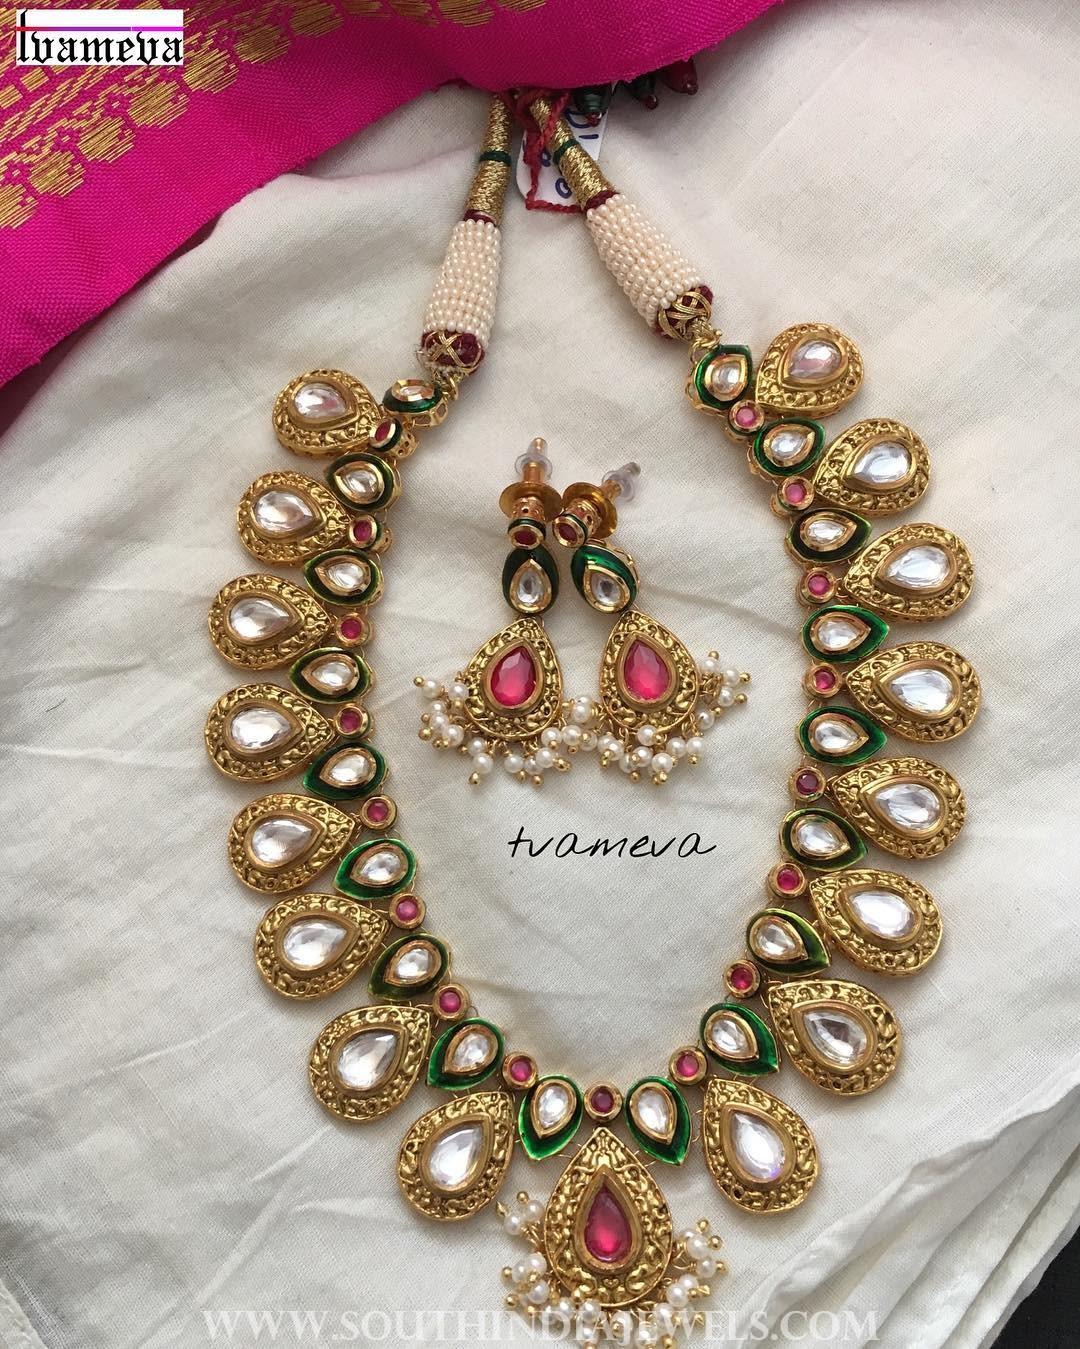 Kundan short necklace tvameva